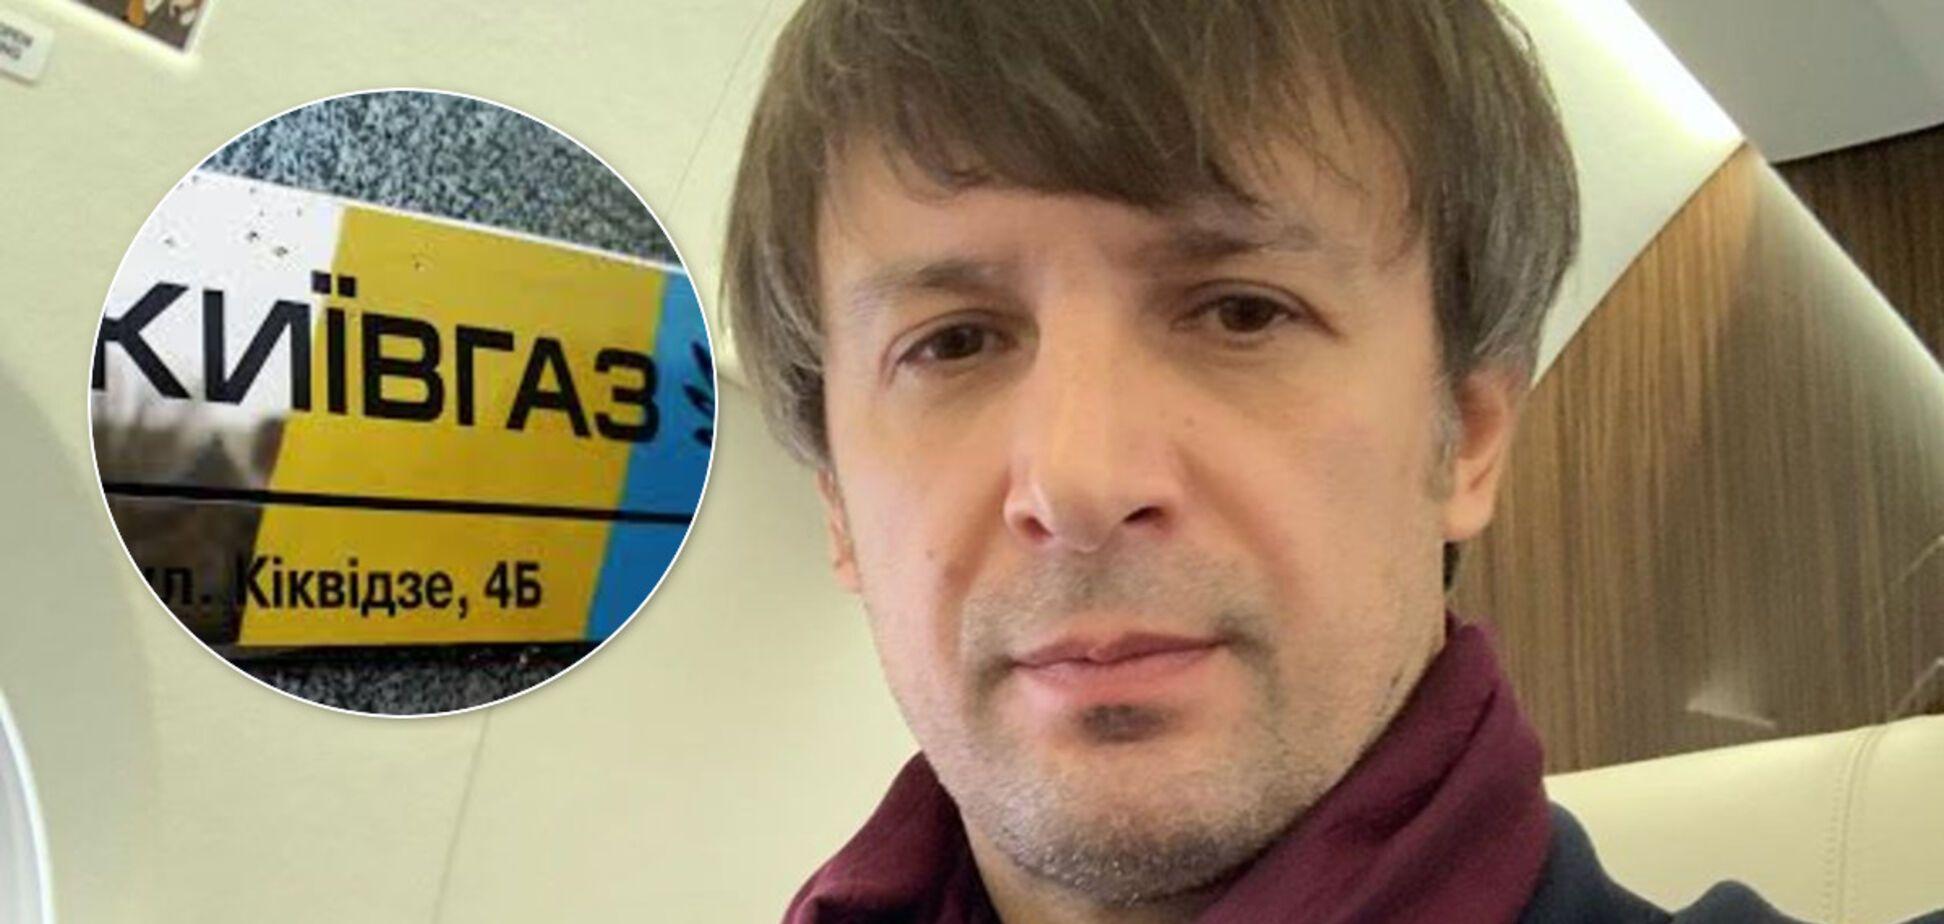 'Я удалил пост': Шовковский сделал заявление по скандалу с Киевгазом